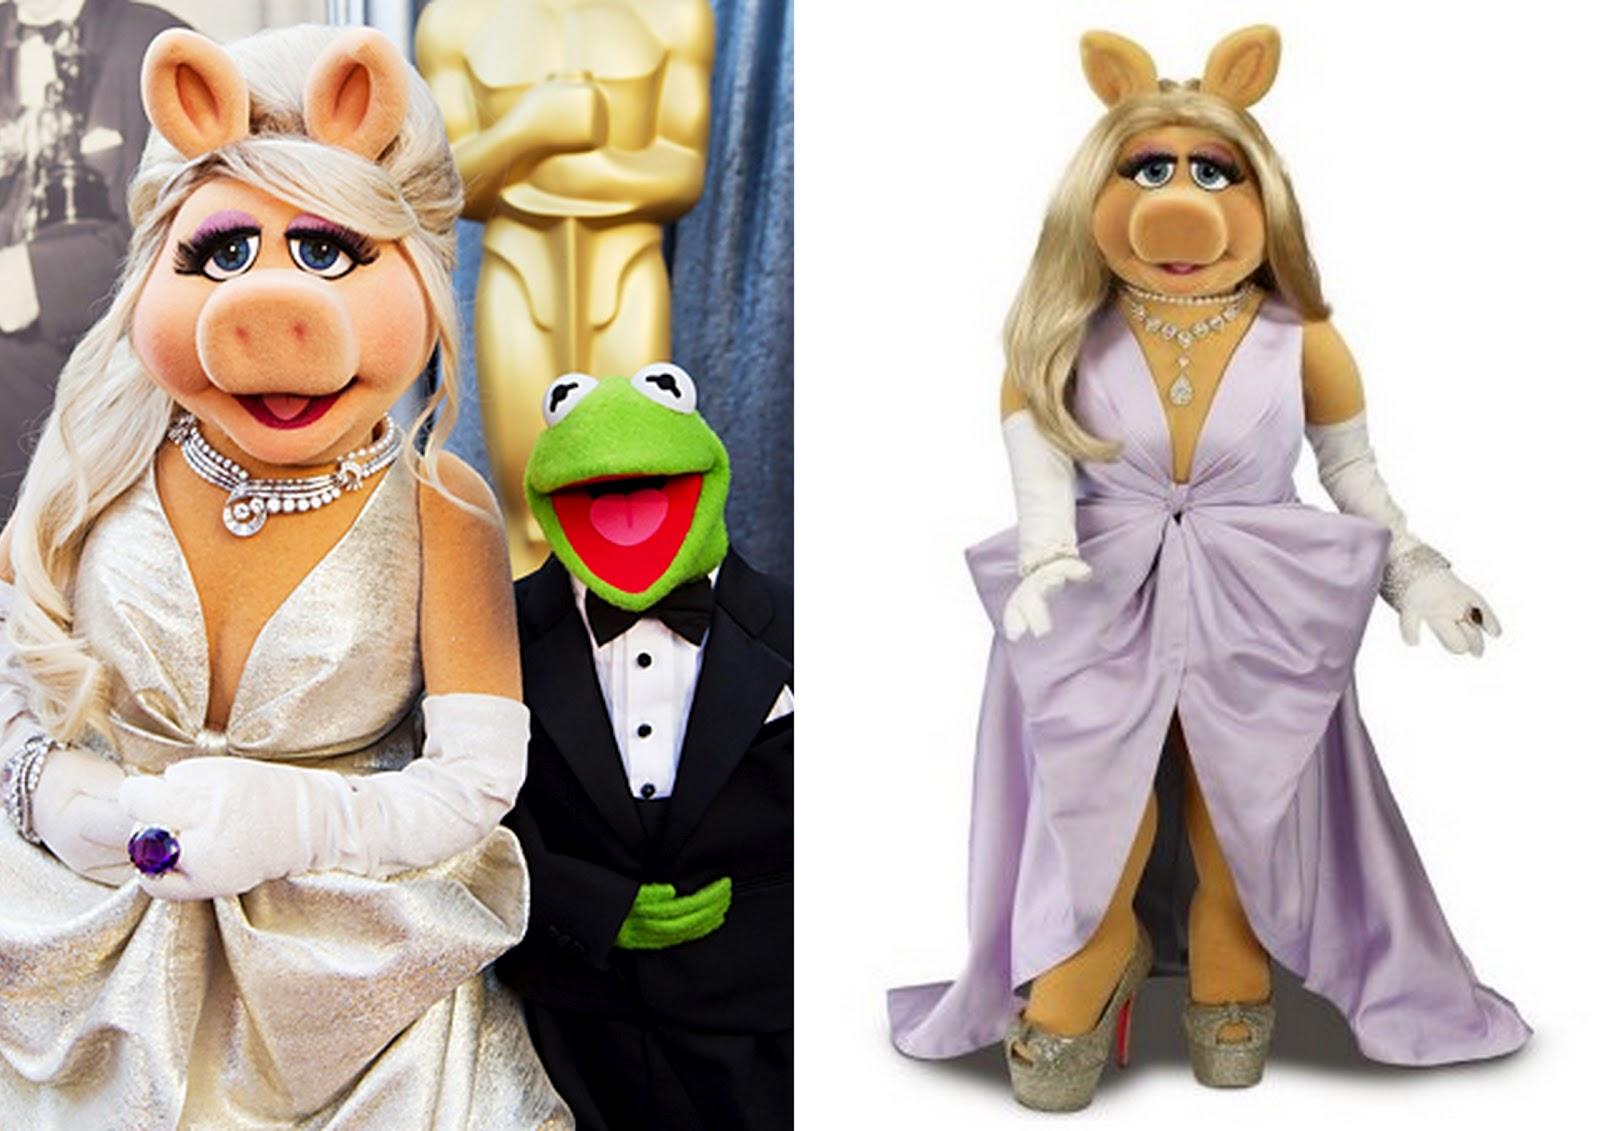 http://2.bp.blogspot.com/-vmsA-bpS5HU/T0tD4_BR3zI/AAAAAAAAClg/w877cT9Xs9I/s1600/miss_piggy_2012_oscar_dress.jpg